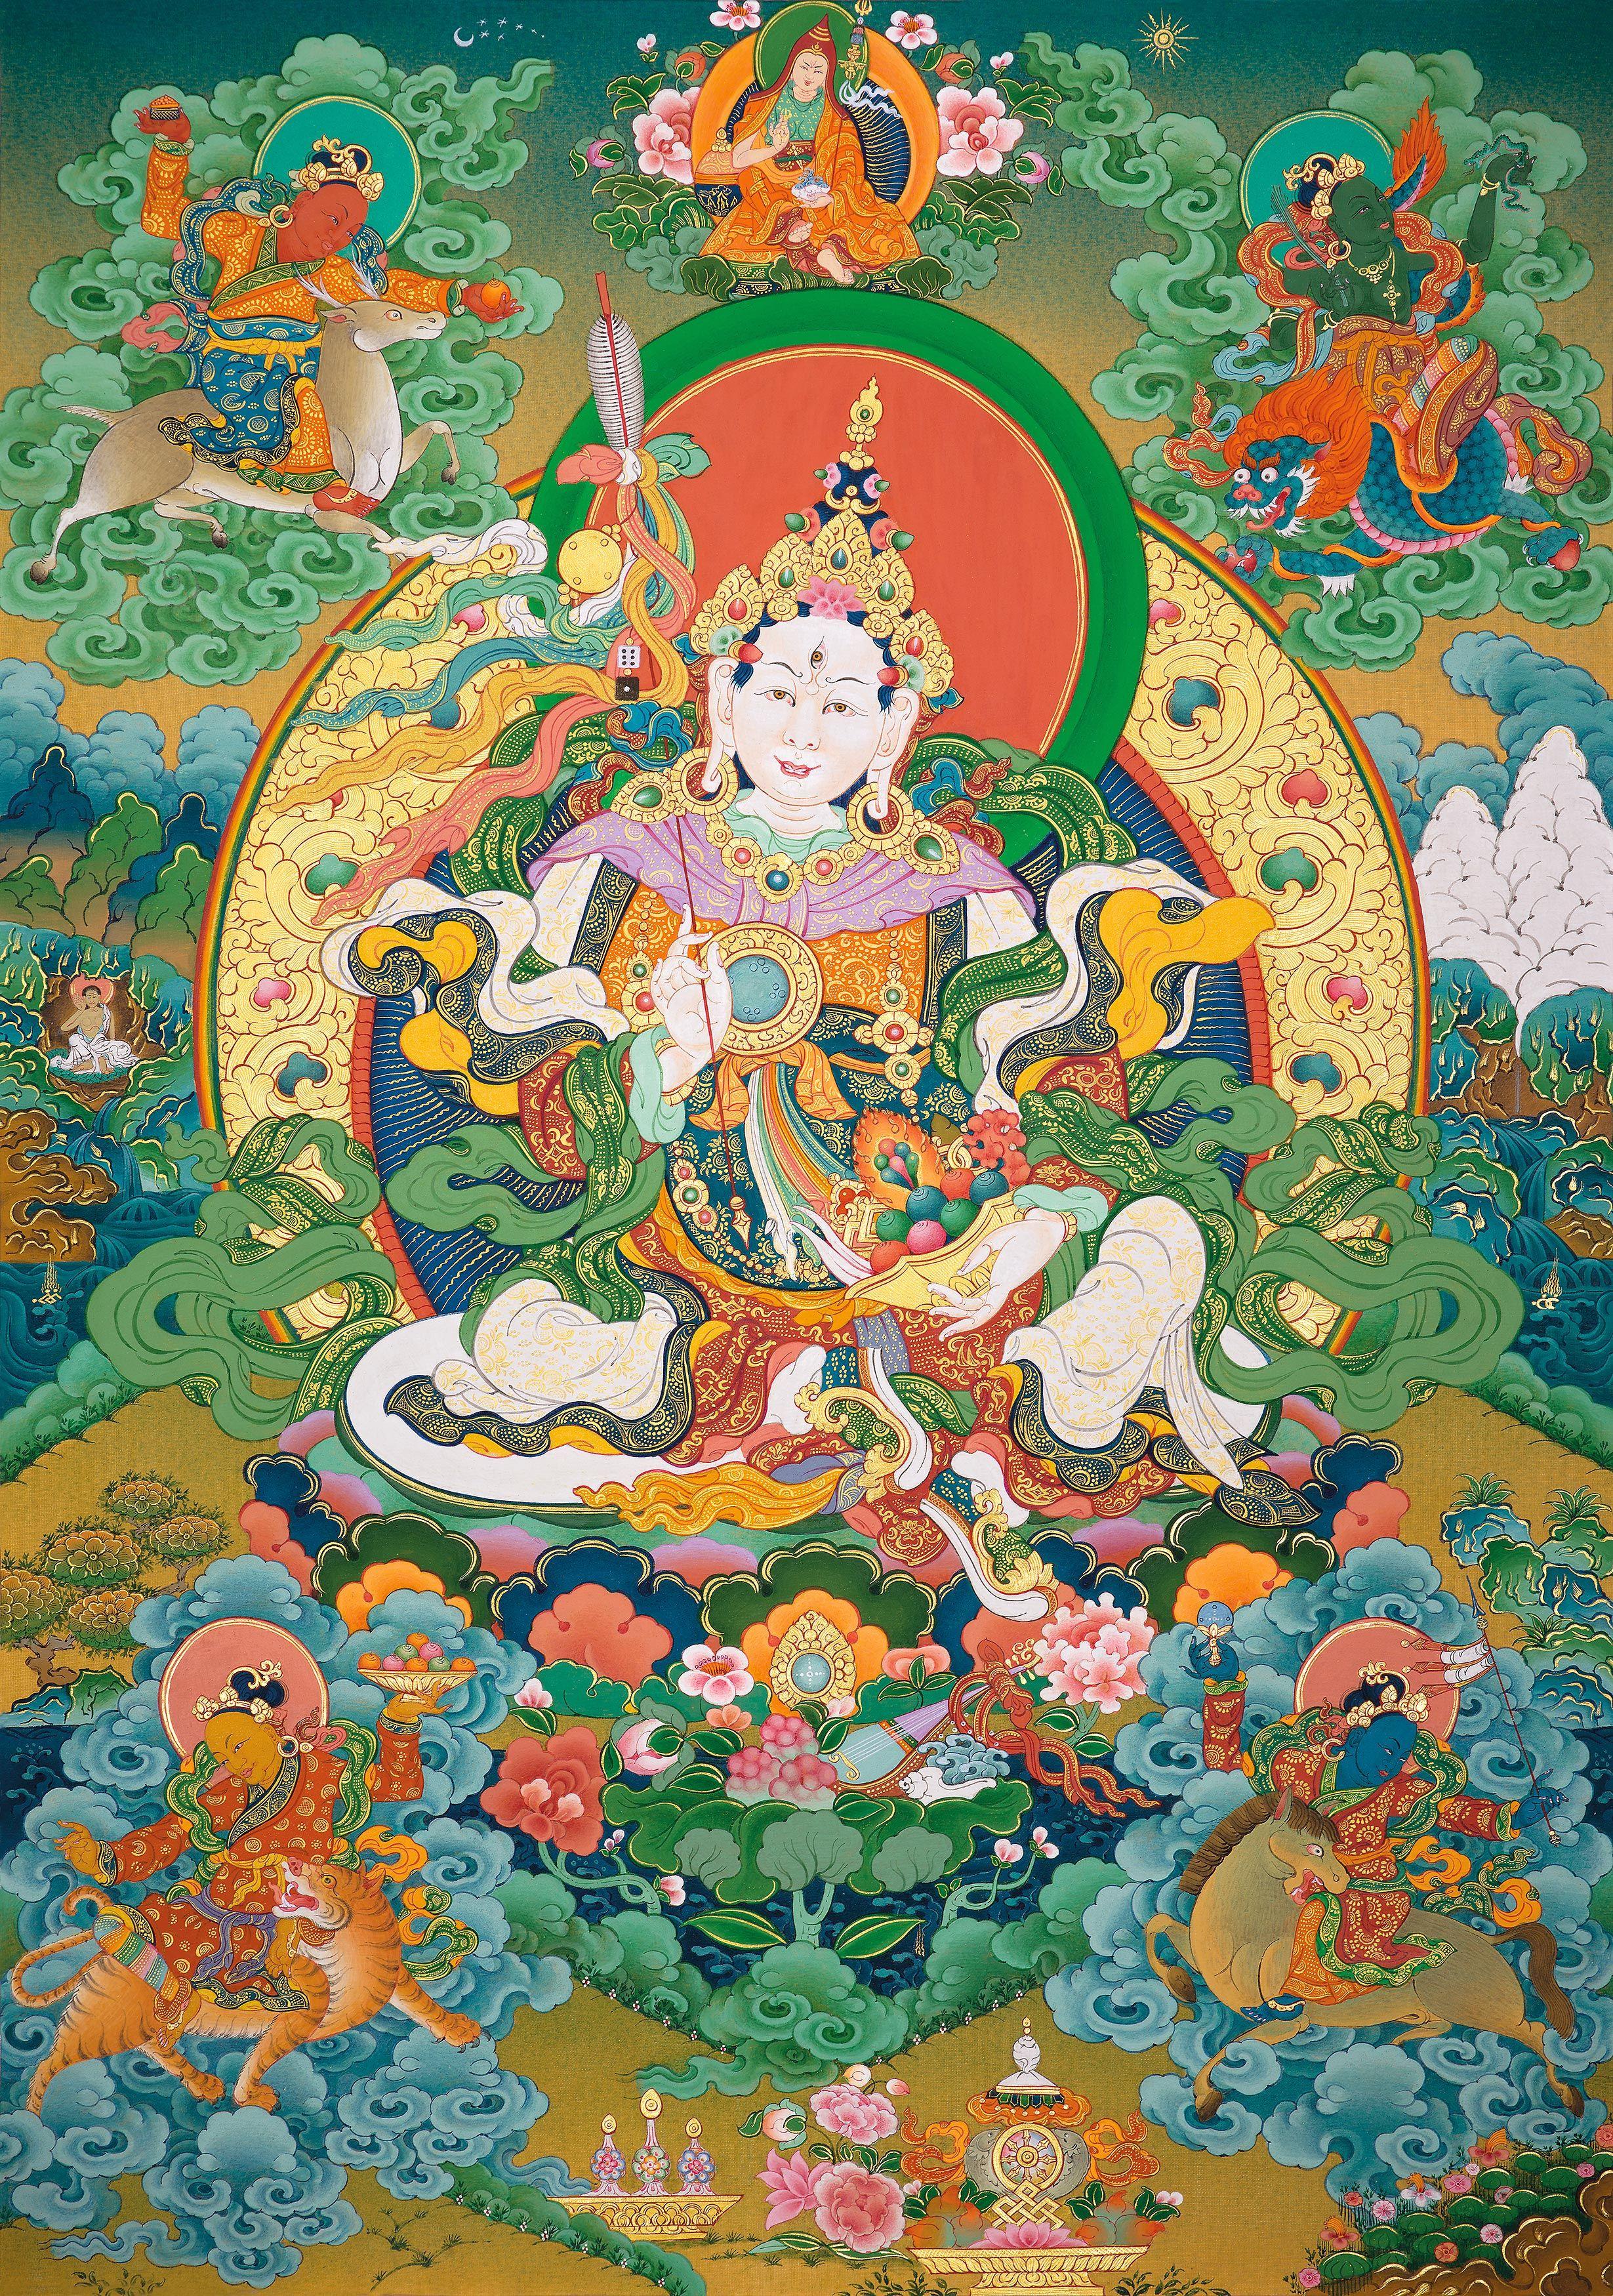 5_сестёр_Церингма_zoom | Искусство Танка | Искусство, Буддийское искусство,  Религиозное искусство